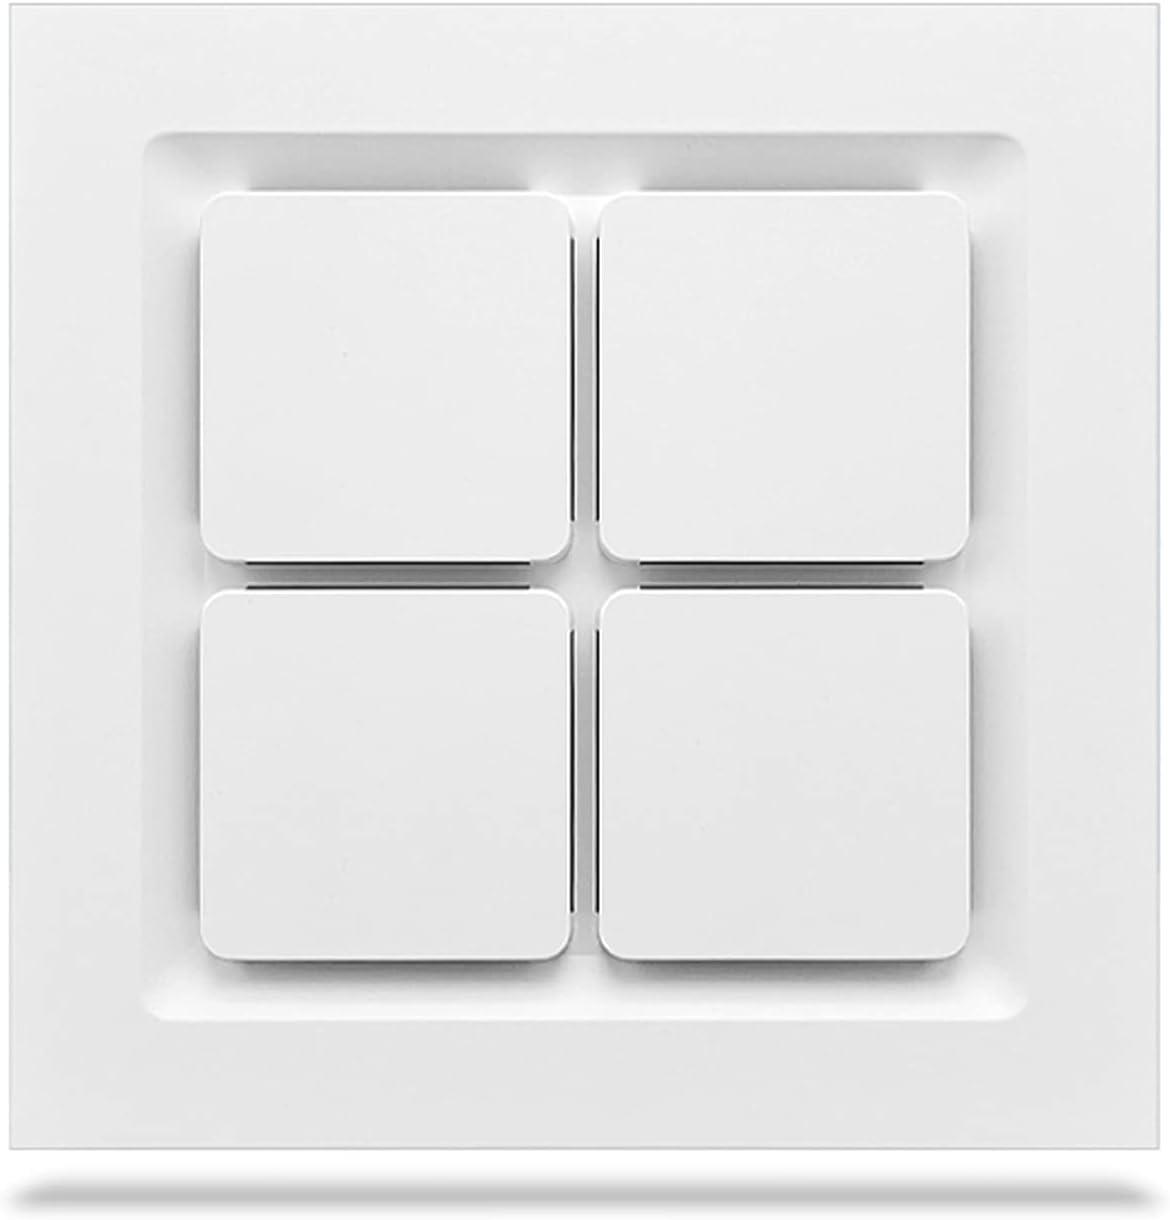 Ventilador extractor Ventilador de ventilación de techo integrado Ventilador de escape potente 30 × 3 0CM Ventilador de escape de techo de alta potencia de baño Ventilador de ventilación de cocina inc